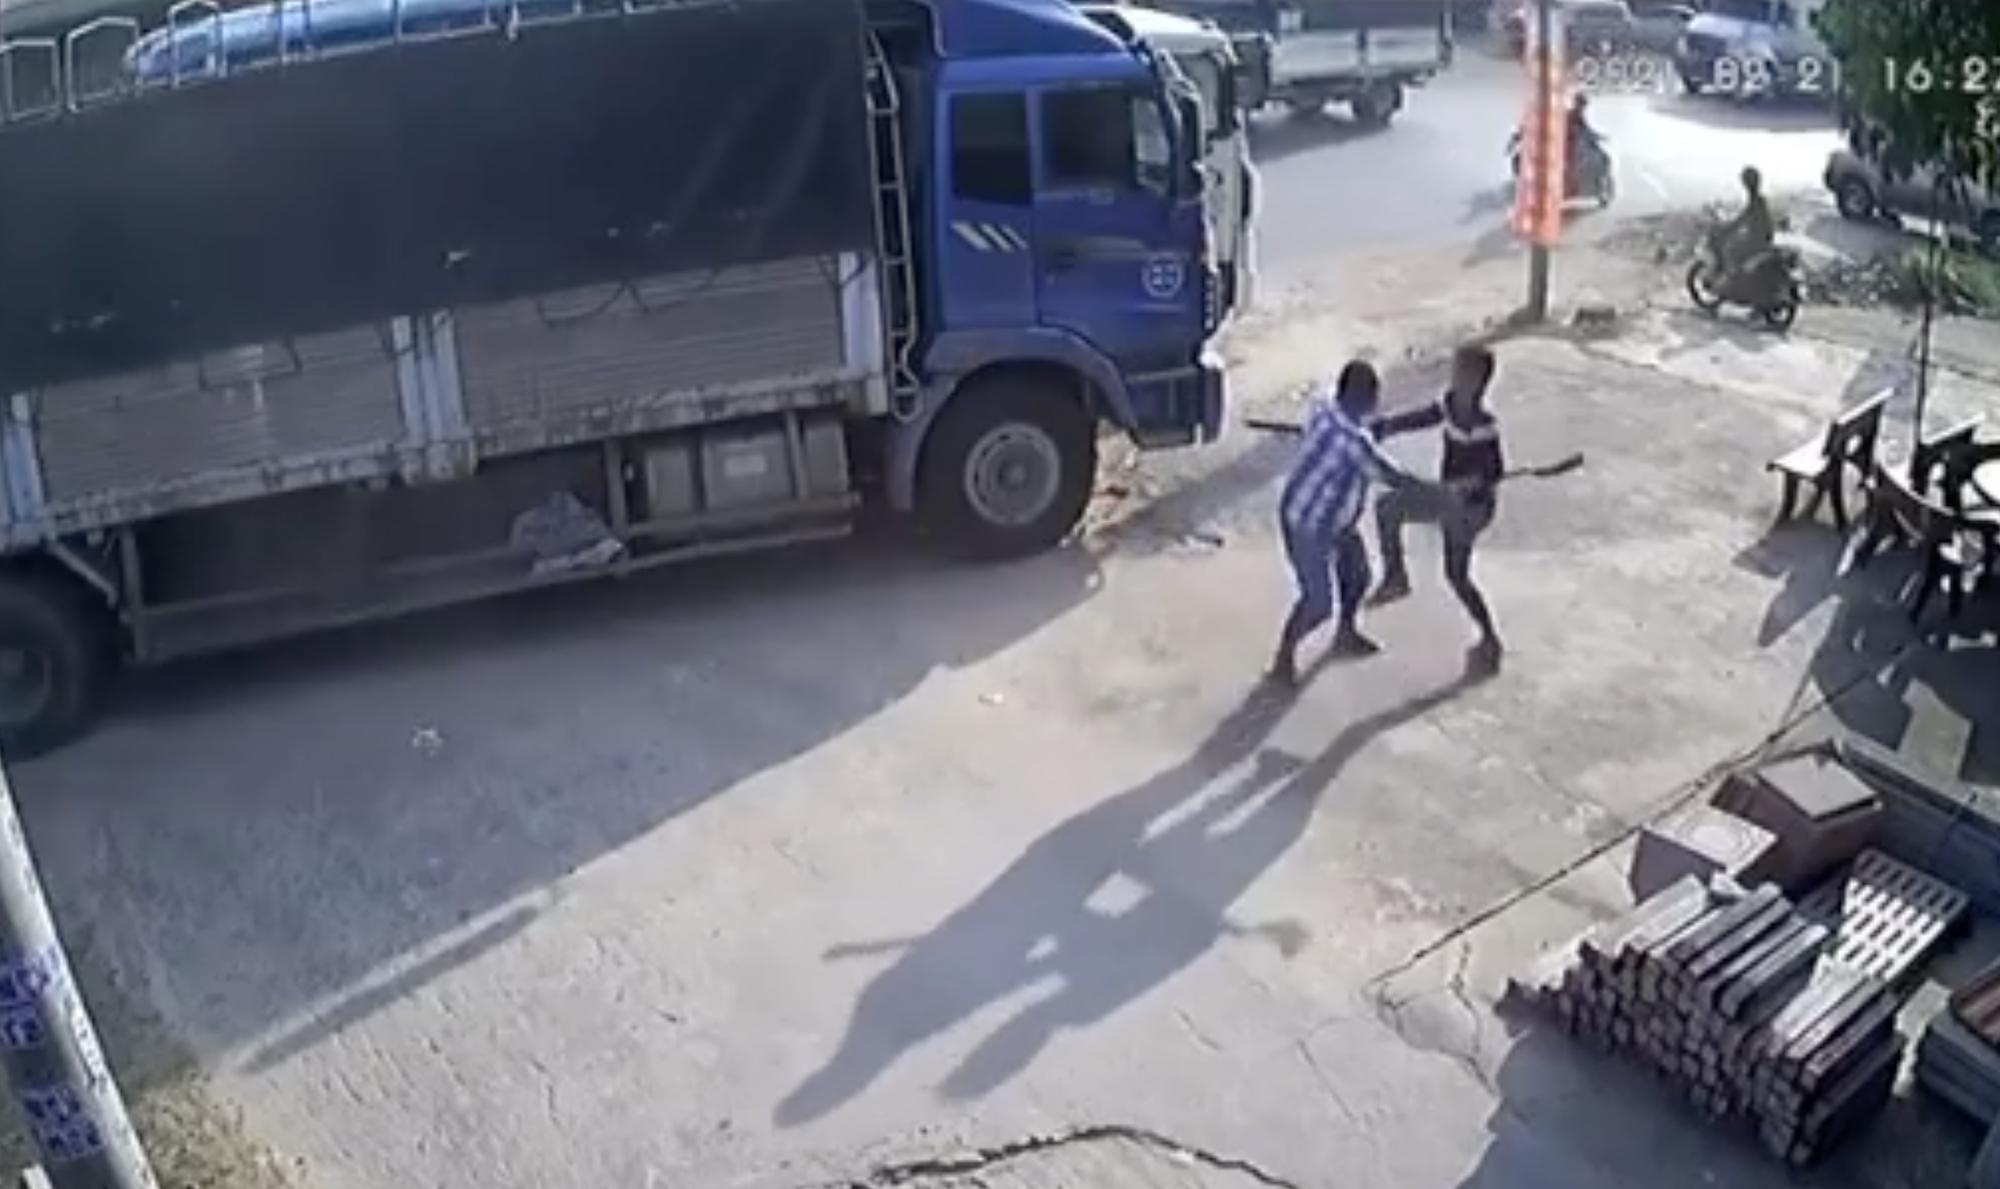 Giành đường để chạy trước, 2 tài xế xe tải vác dao đuổi chém nhau - Ảnh 2.